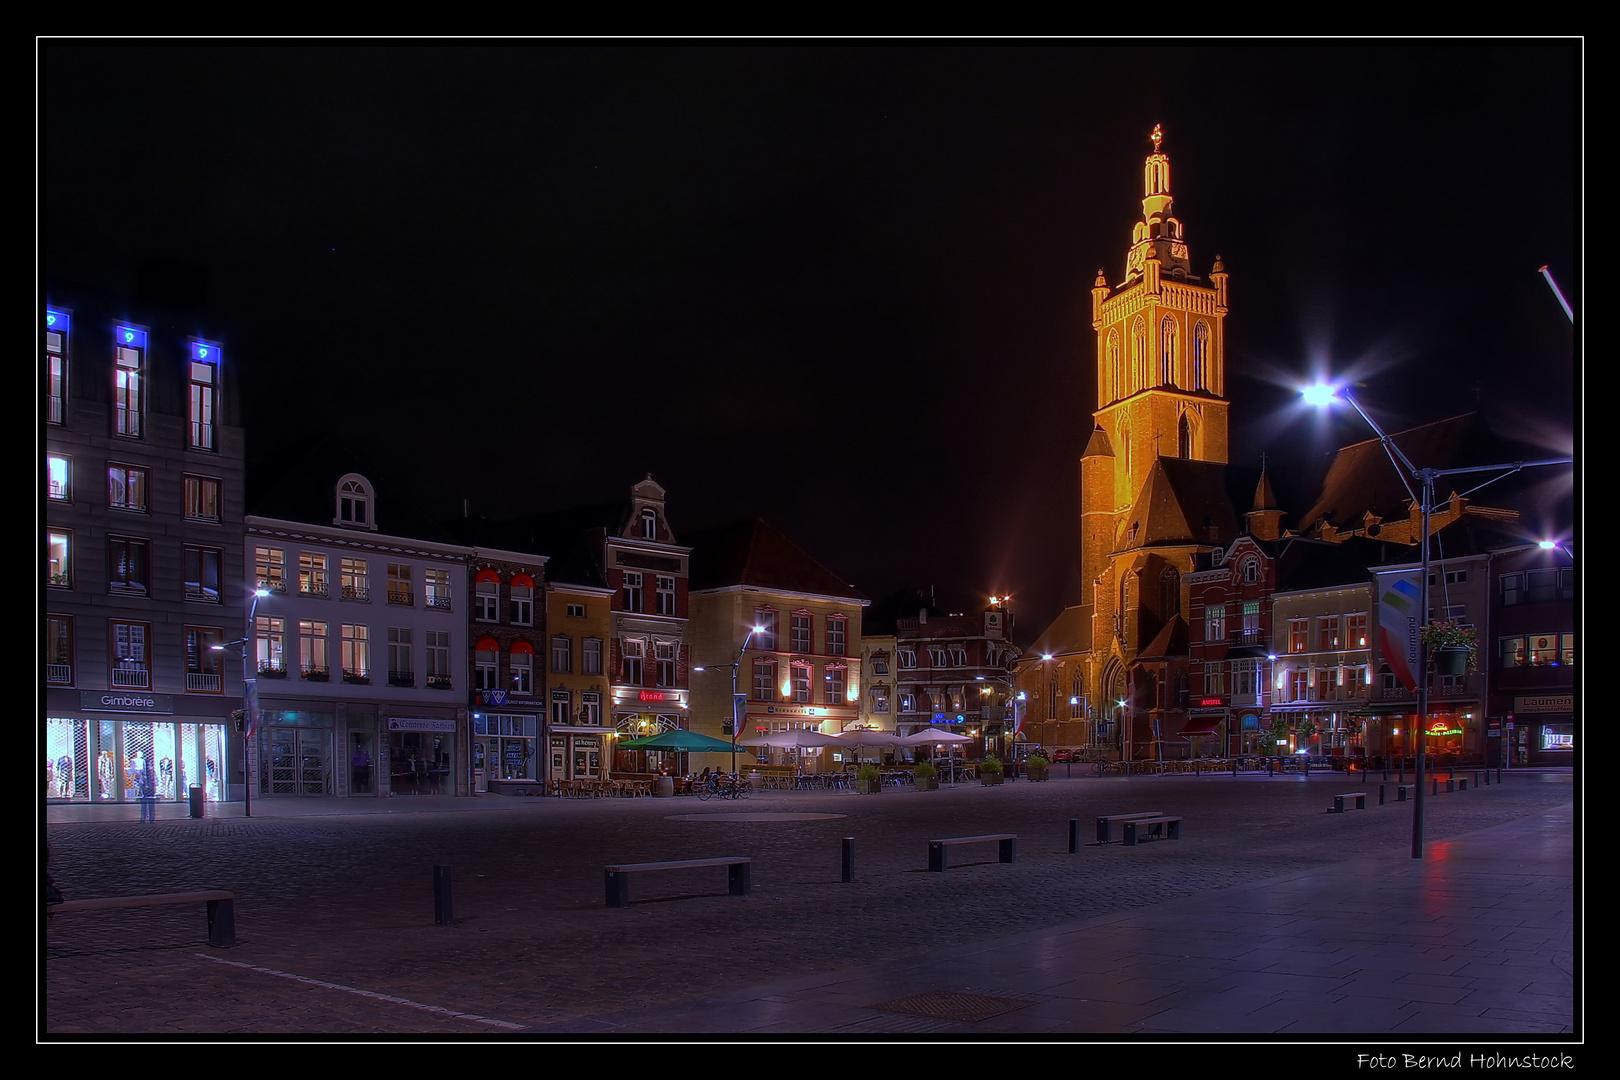 Roermond ... Marktplatz zu später Stunde ...